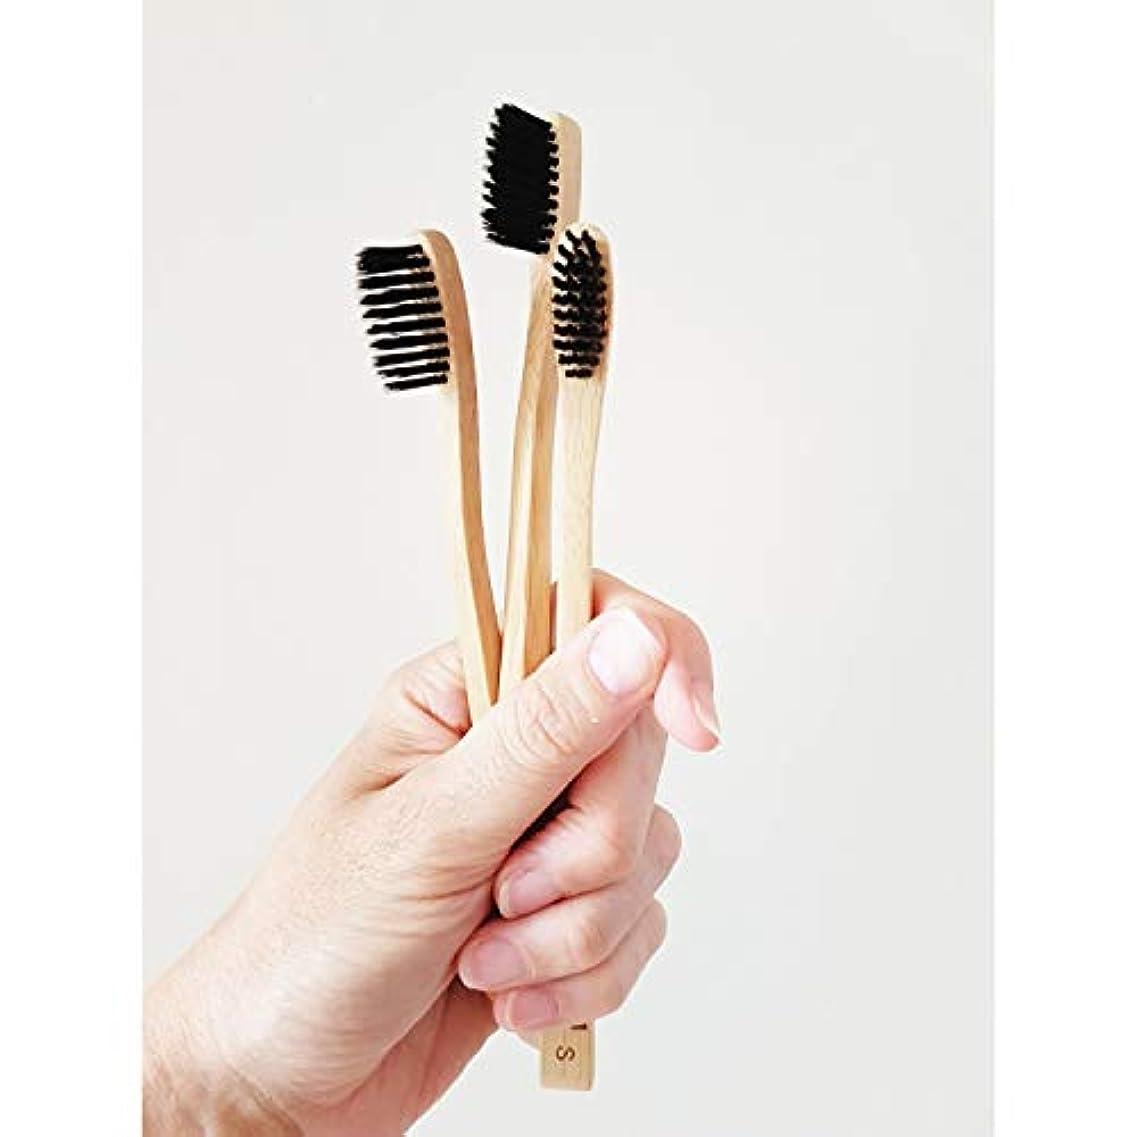 ムスタチオシリンダー狭いLadybug 竹の歯ブラシ 竹炭毛 バンブー歯ブラシ (3本入りセット)